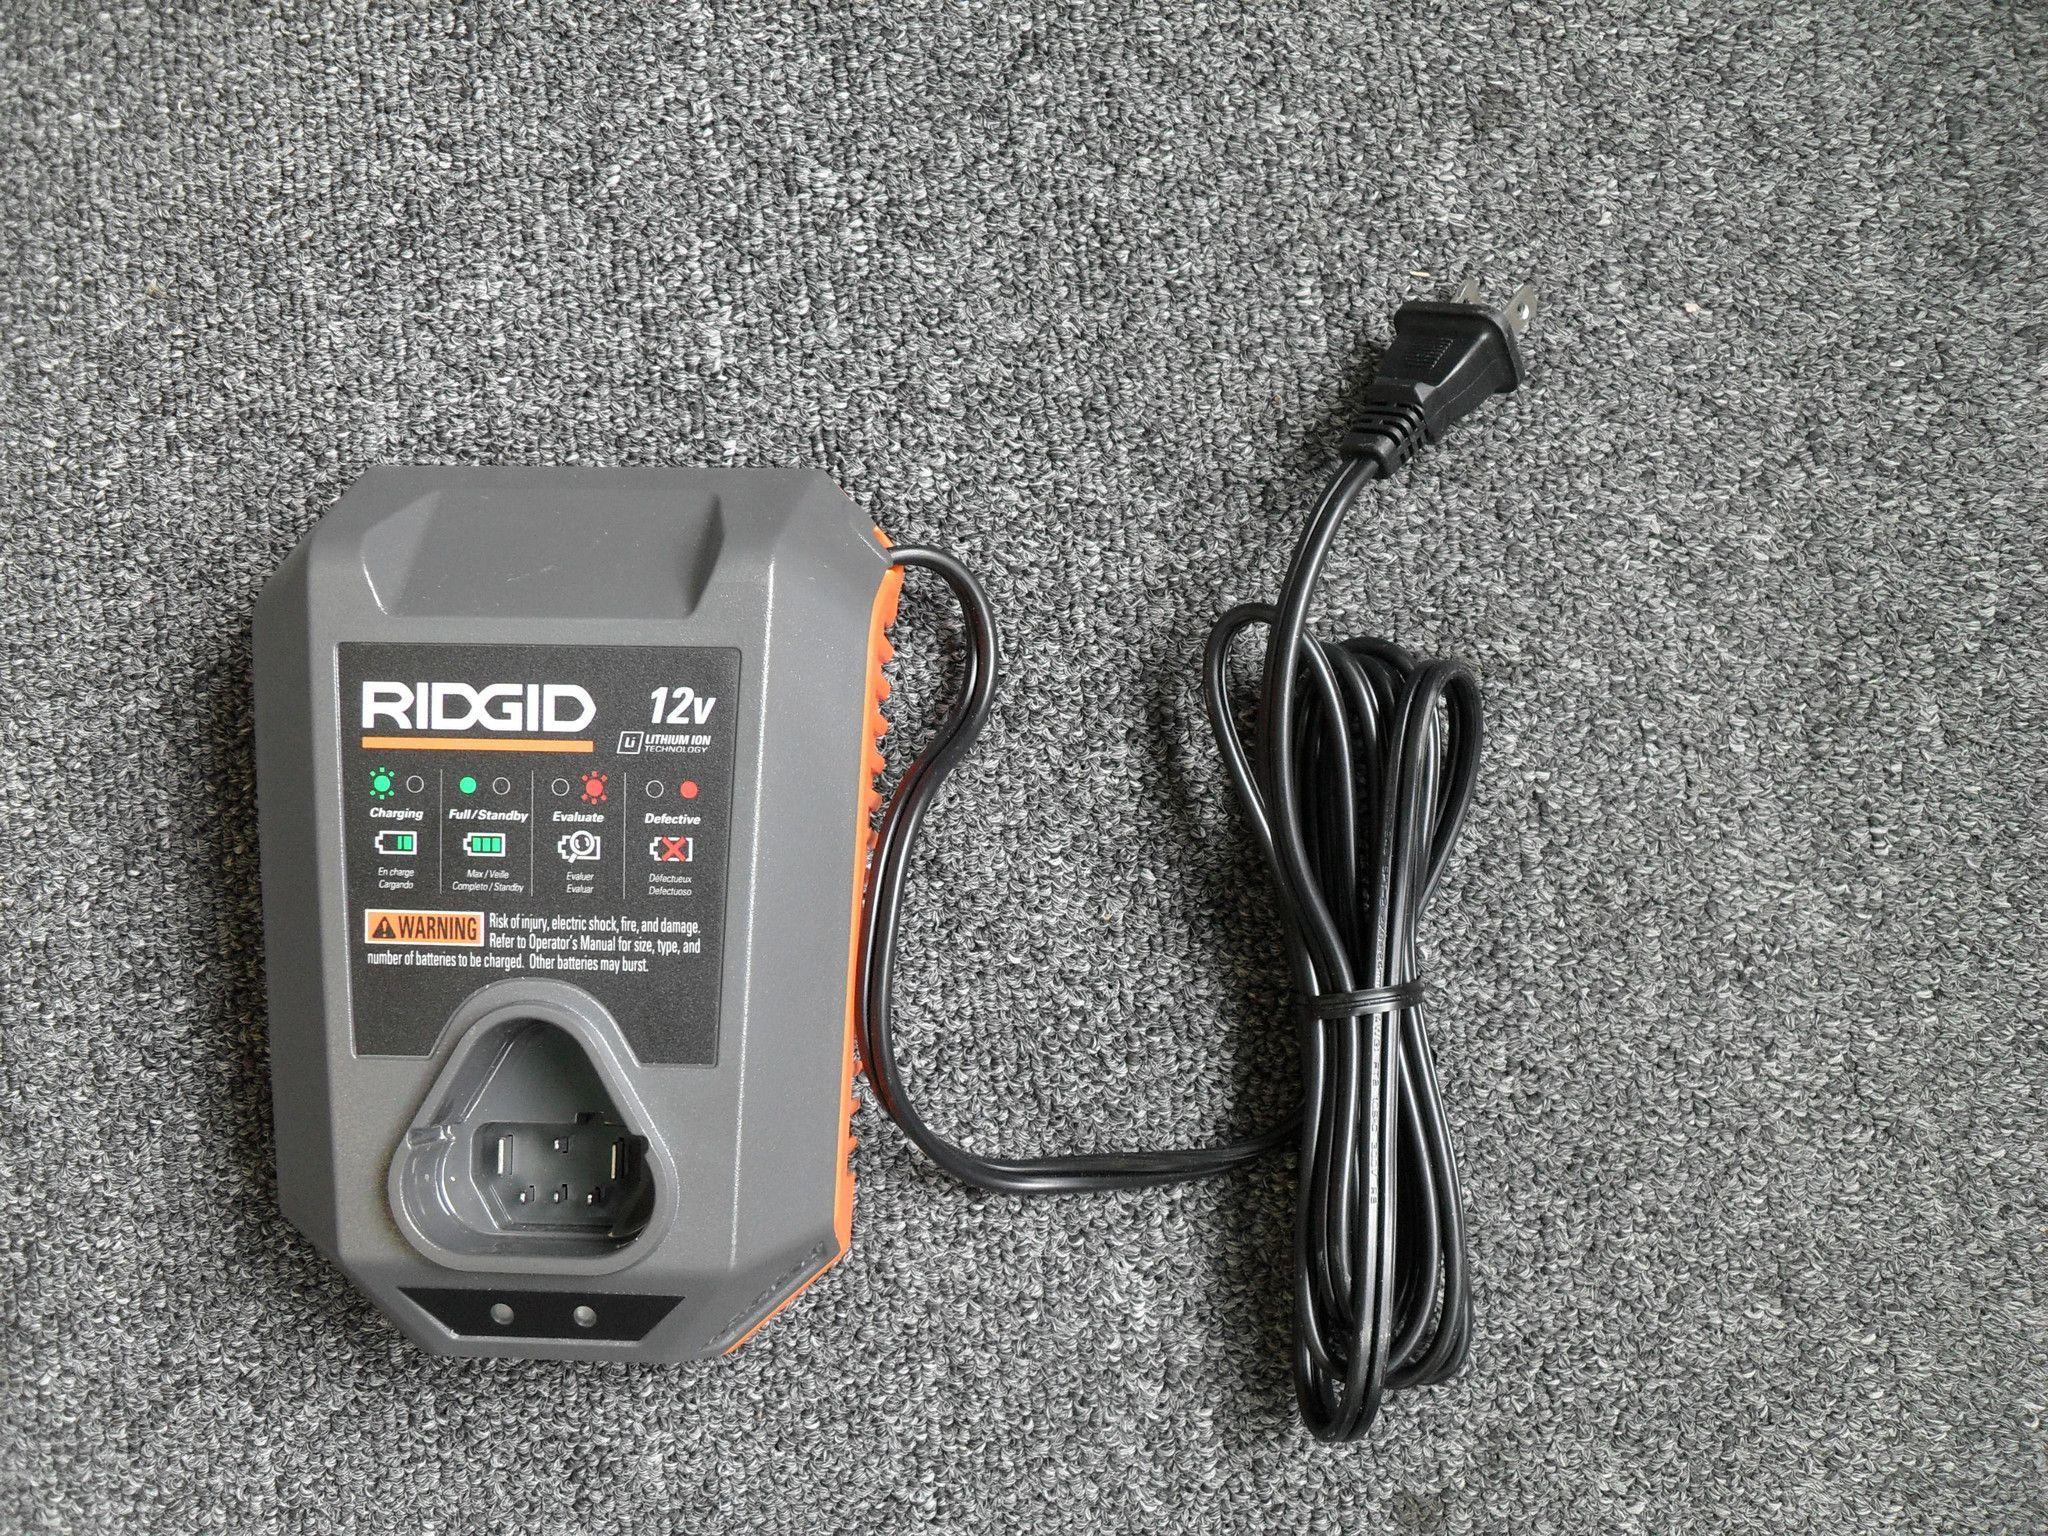 medium resolution of  ridgid v battery schematic diagram on rothenberger 12v battery bosch 12v battery ridgid radio